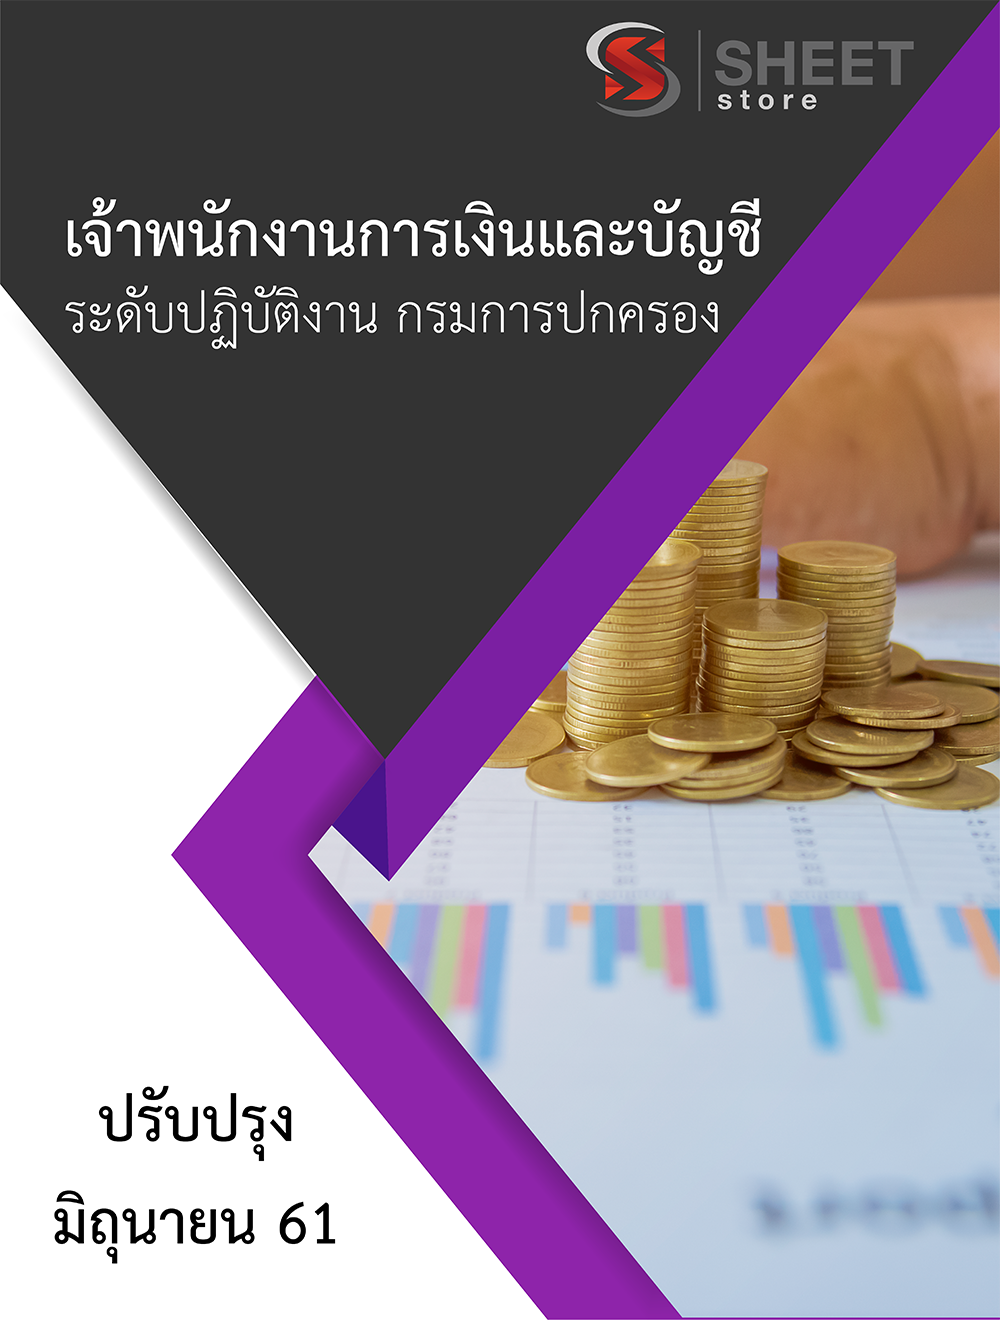 แนวข้อสอบ เจ้าพนักงานการเงินและบัญชีปฏิบัติงาน กรมการปกครอง (พร้อมเฉลย)